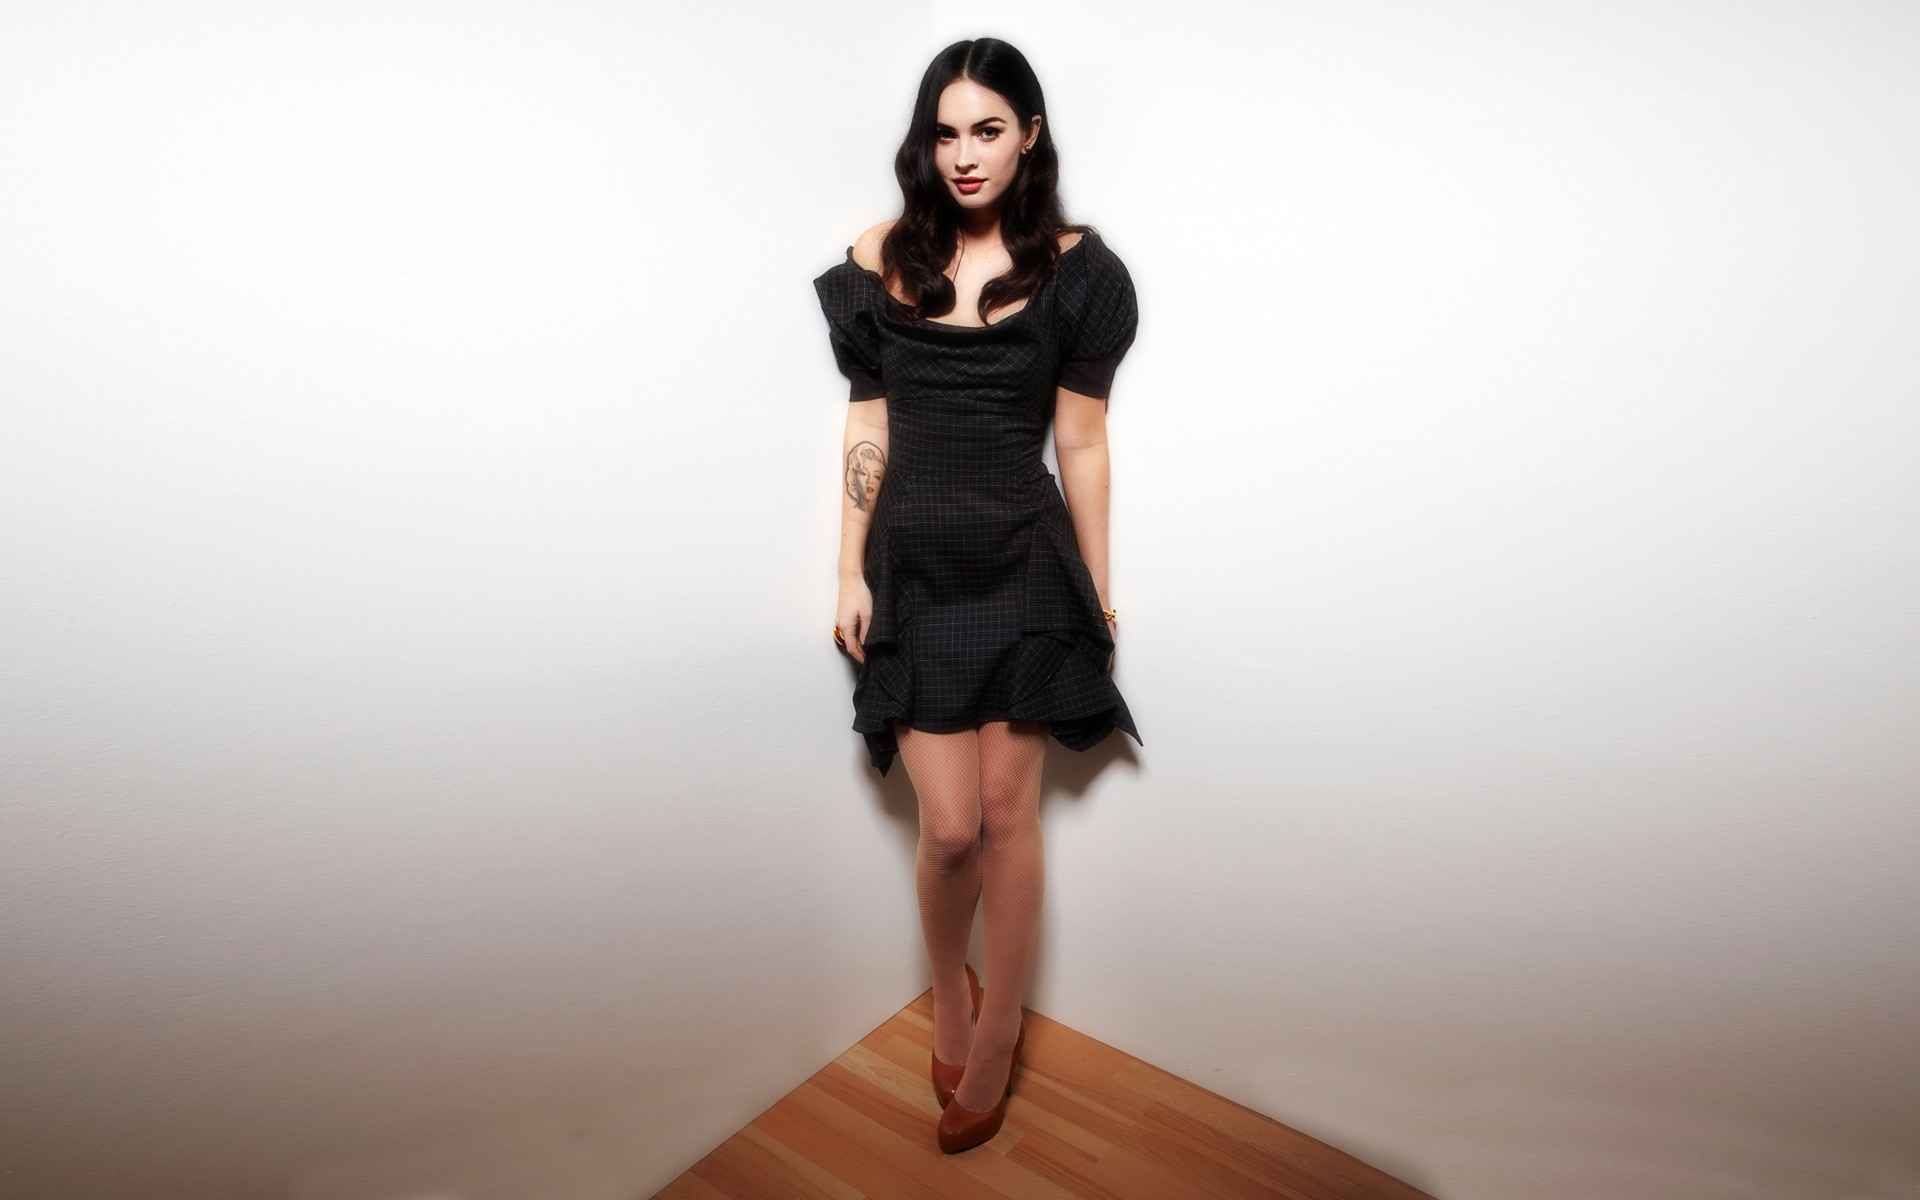 Фото красивой девушки в красивом платье и колготках 3 фотография